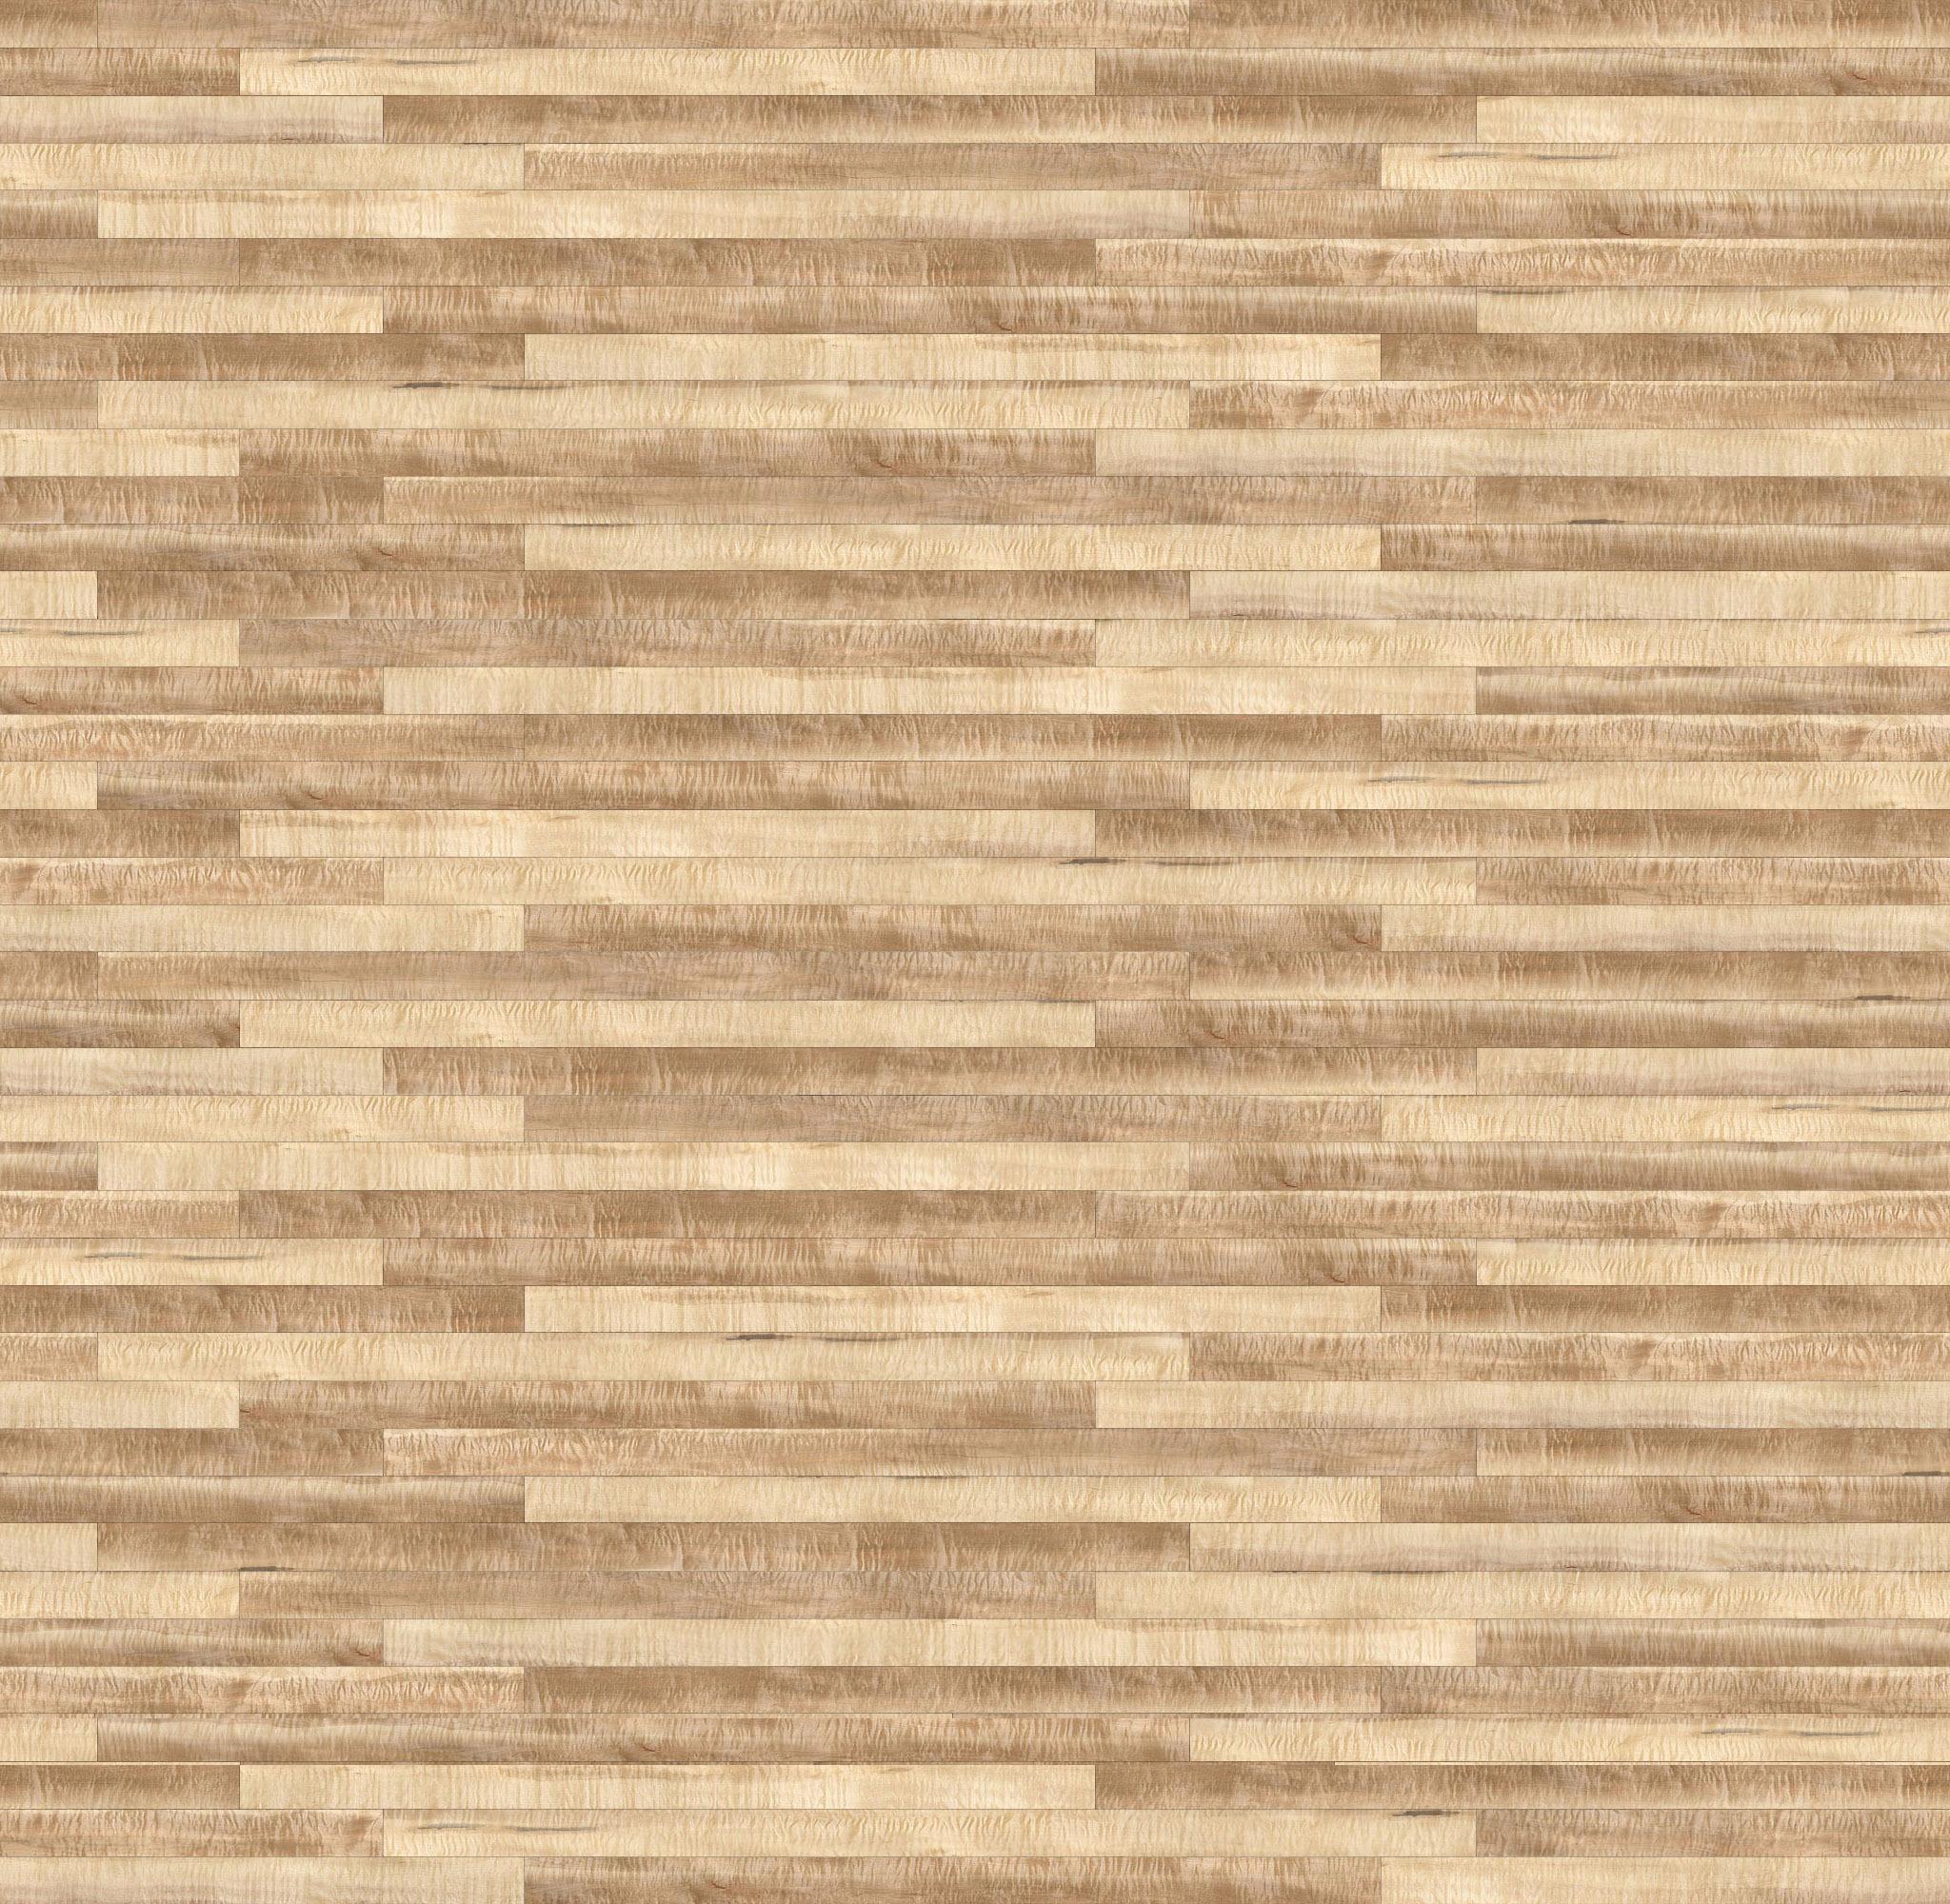 motif hardwood floor texture toutte pis toutte. Black Bedroom Furniture Sets. Home Design Ideas